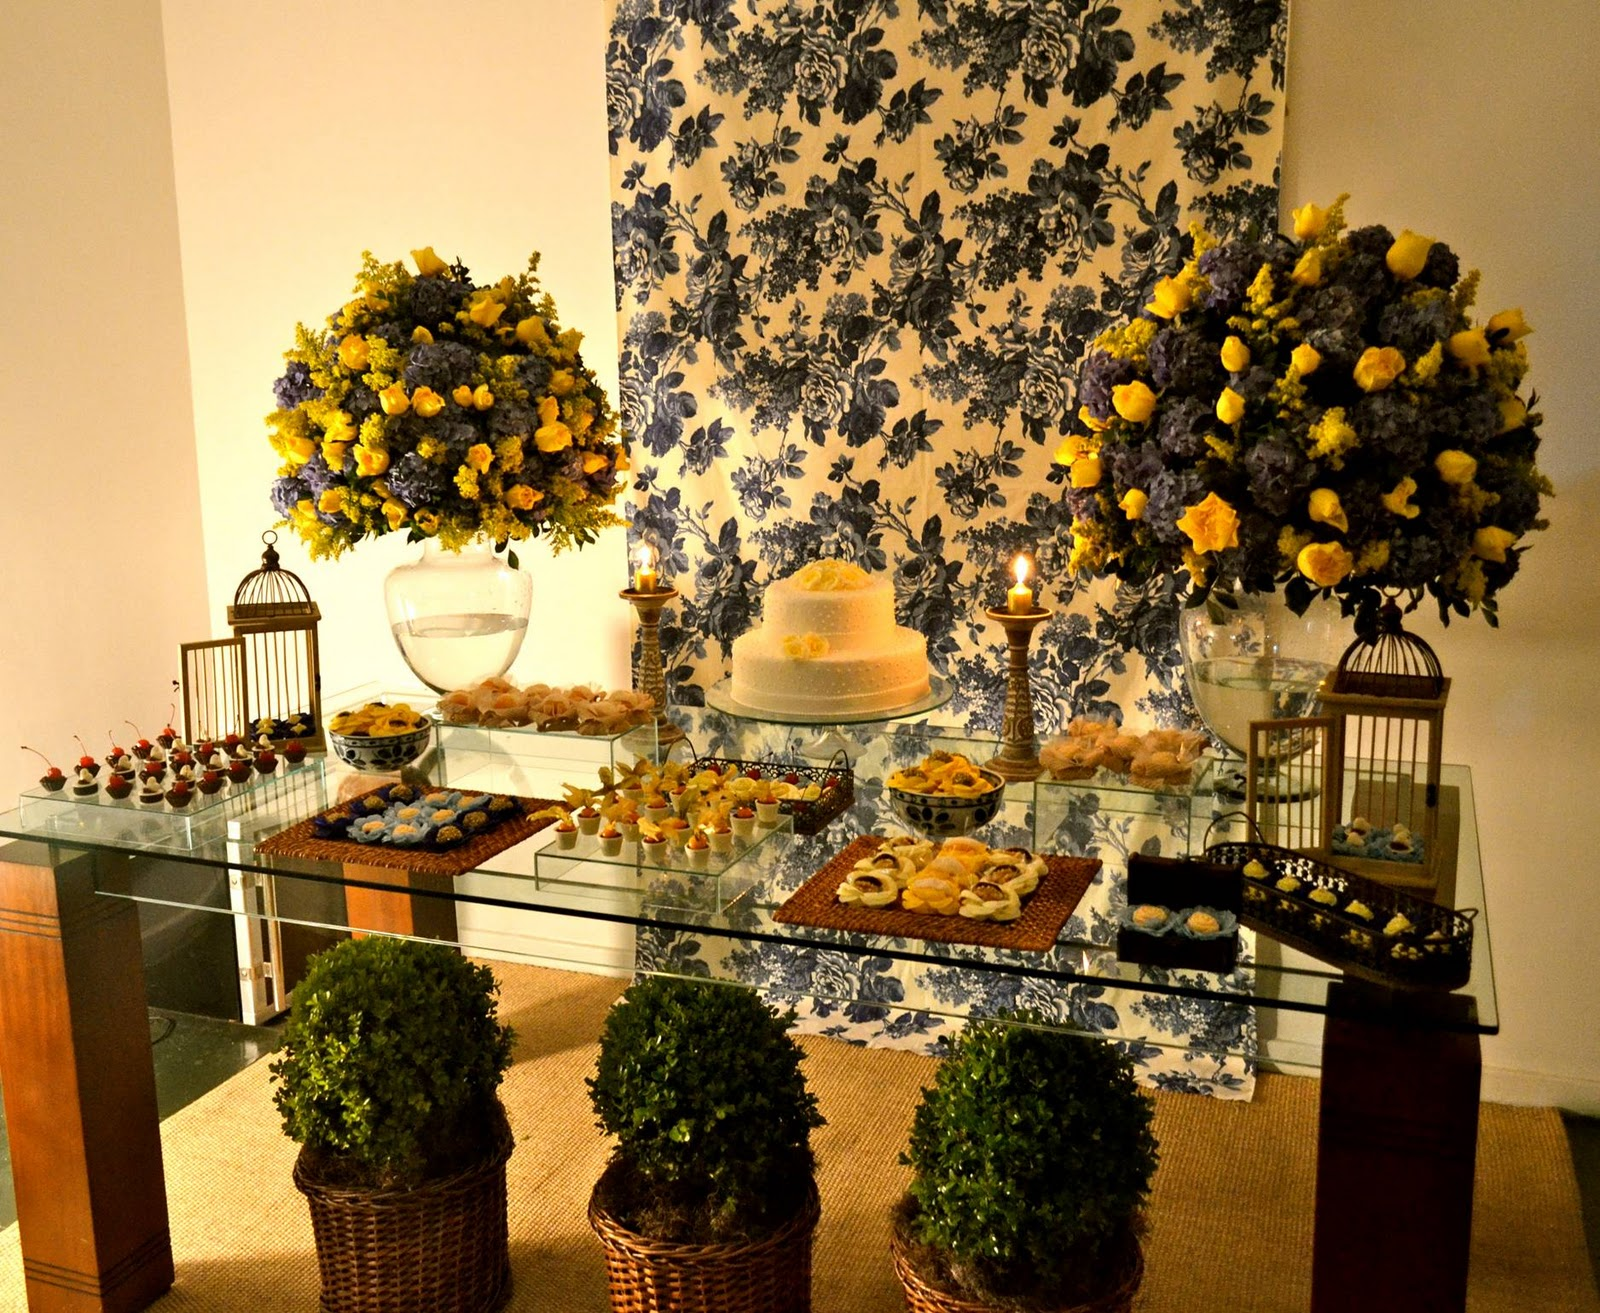 decoracao azul e amarelo casamento : decoracao azul e amarelo casamento:feira eu postarei fotos da mesa de caf e da estante de bem casados